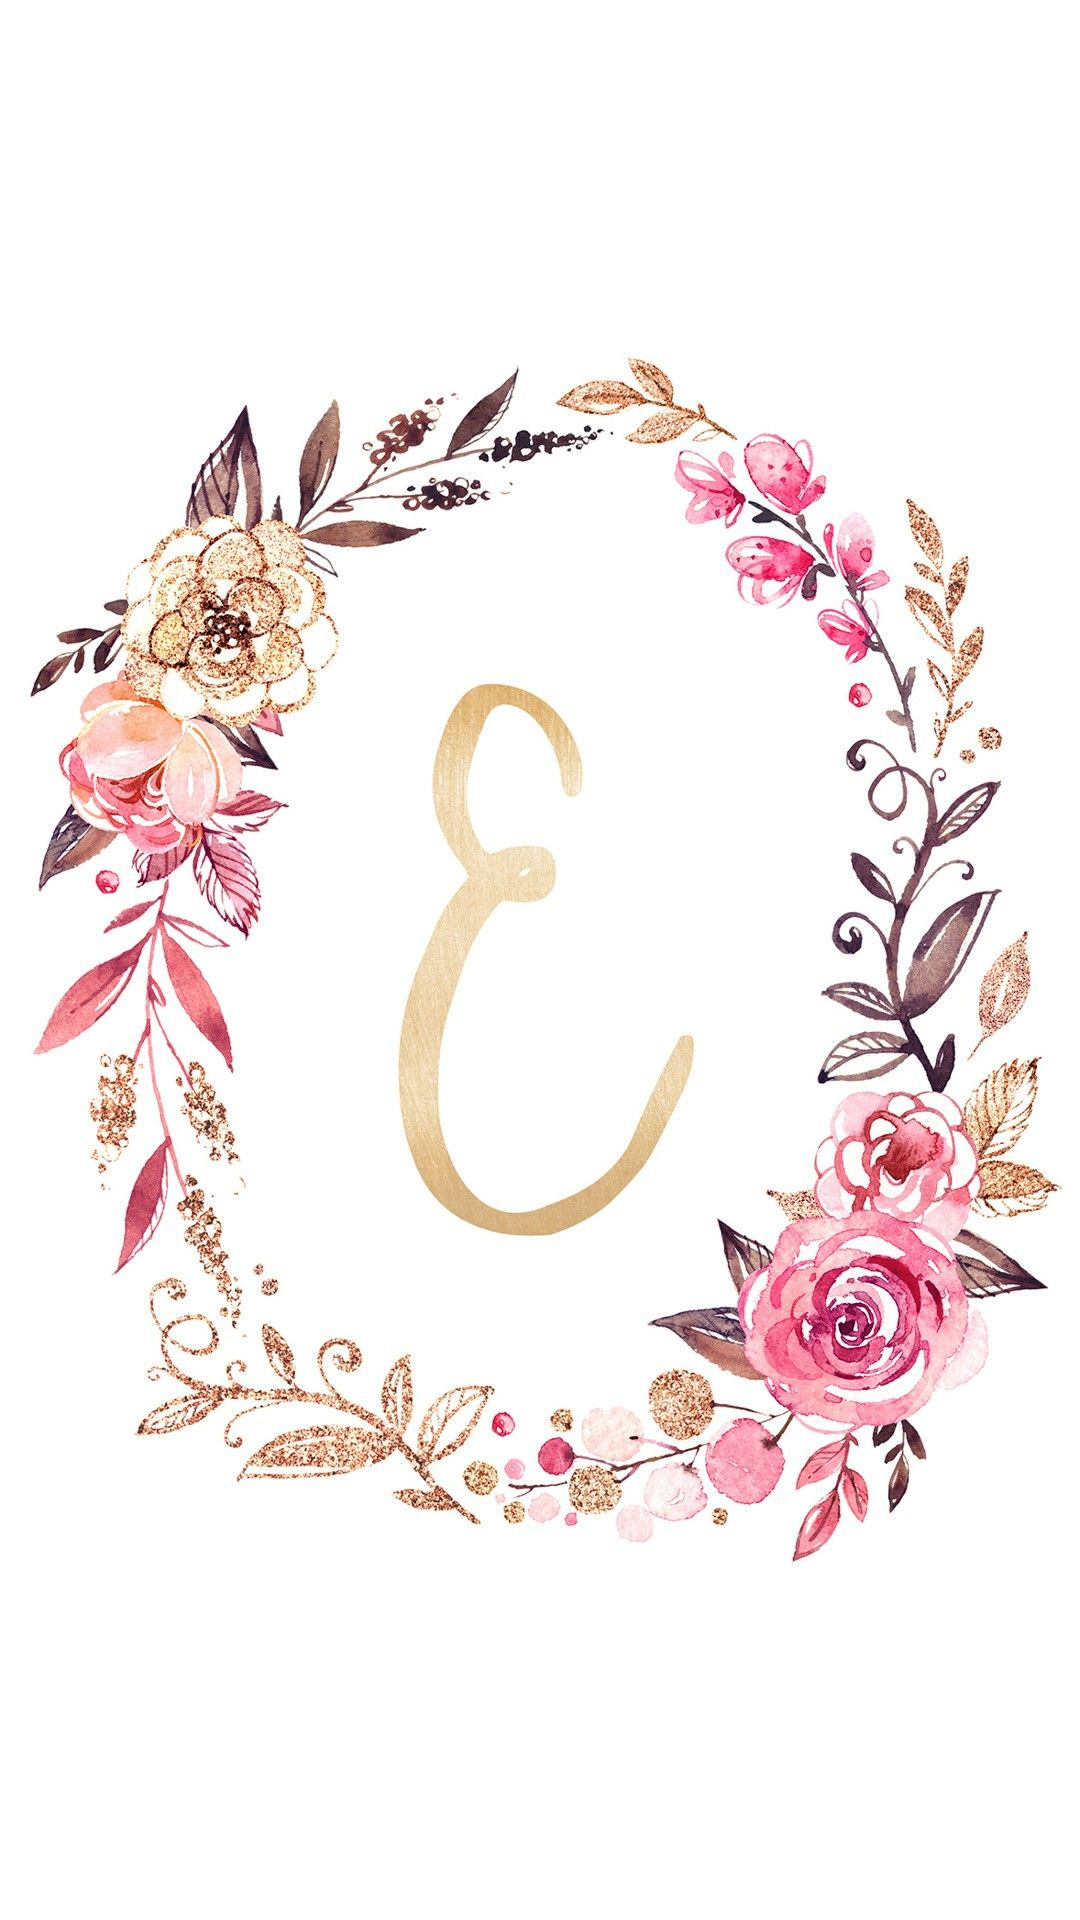 Monogram letter E | Ahhhh Babies! | Monogram wallpaper, Lettering, Wallpaper